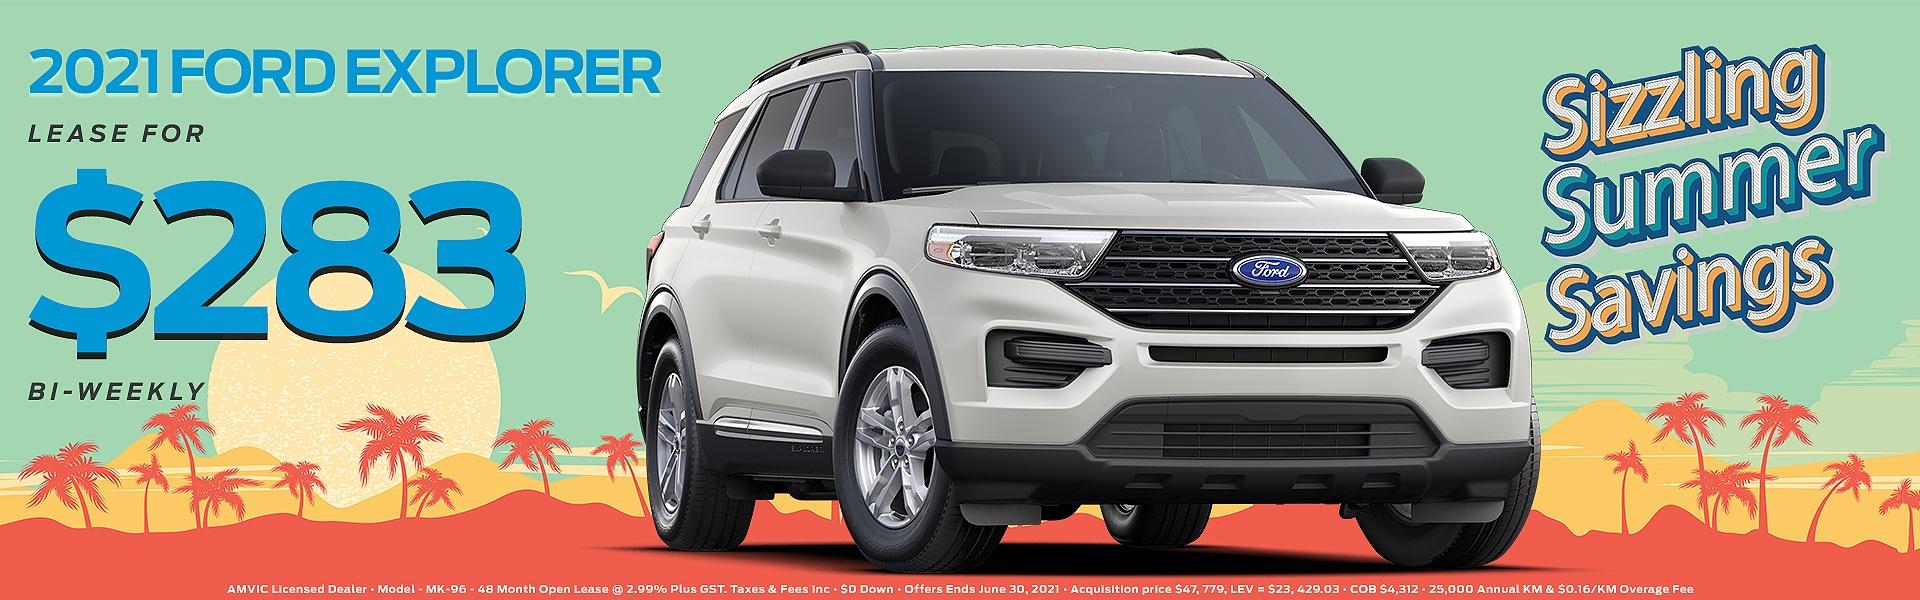 2021 White Ford Explorer